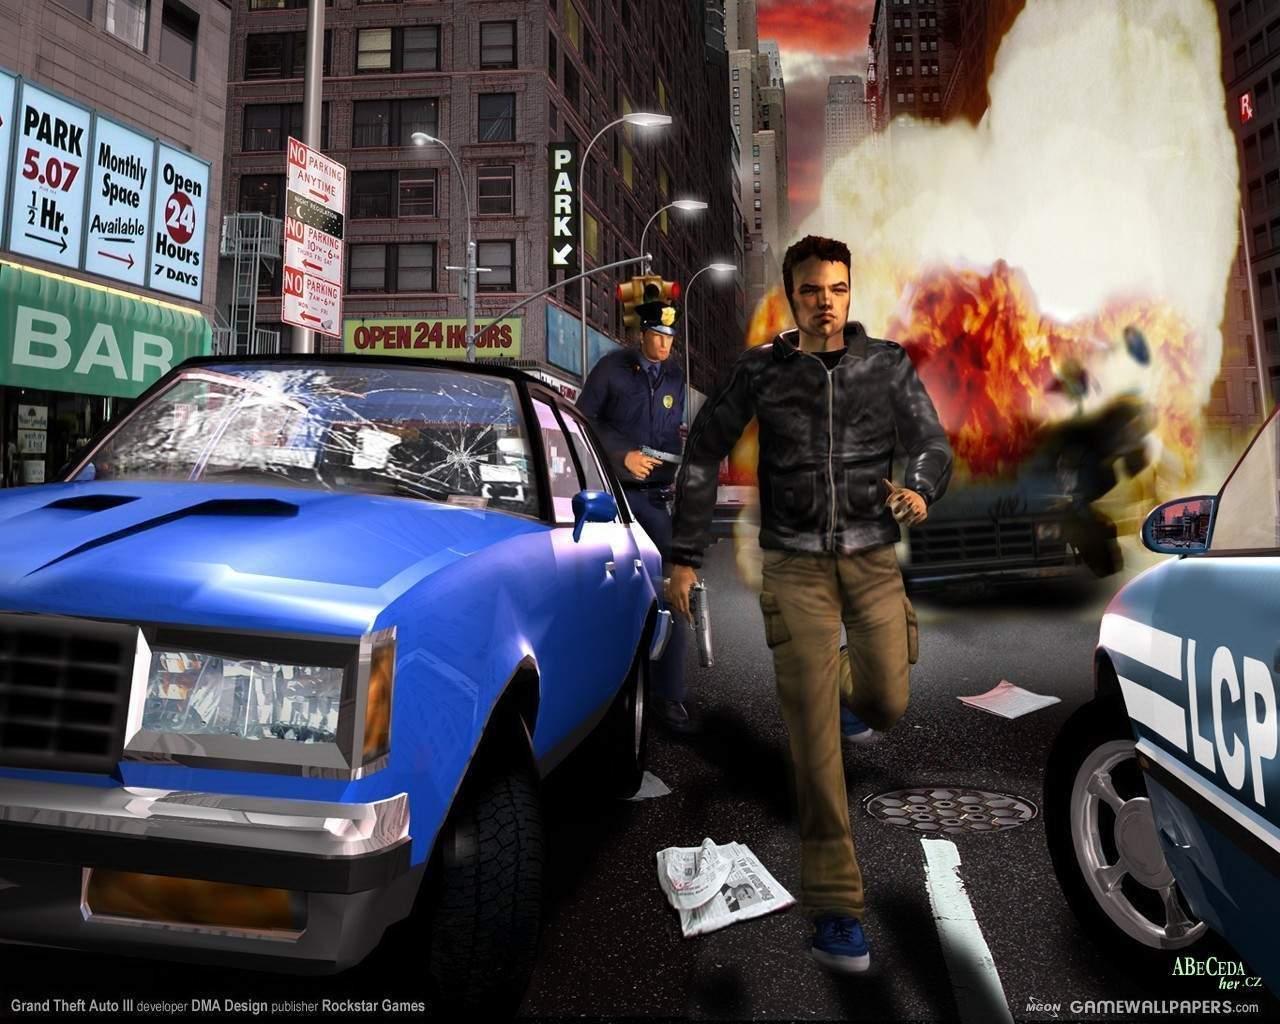 9975 скачать обои Игры, Grand Theft Auto (Gta) - заставки и картинки бесплатно